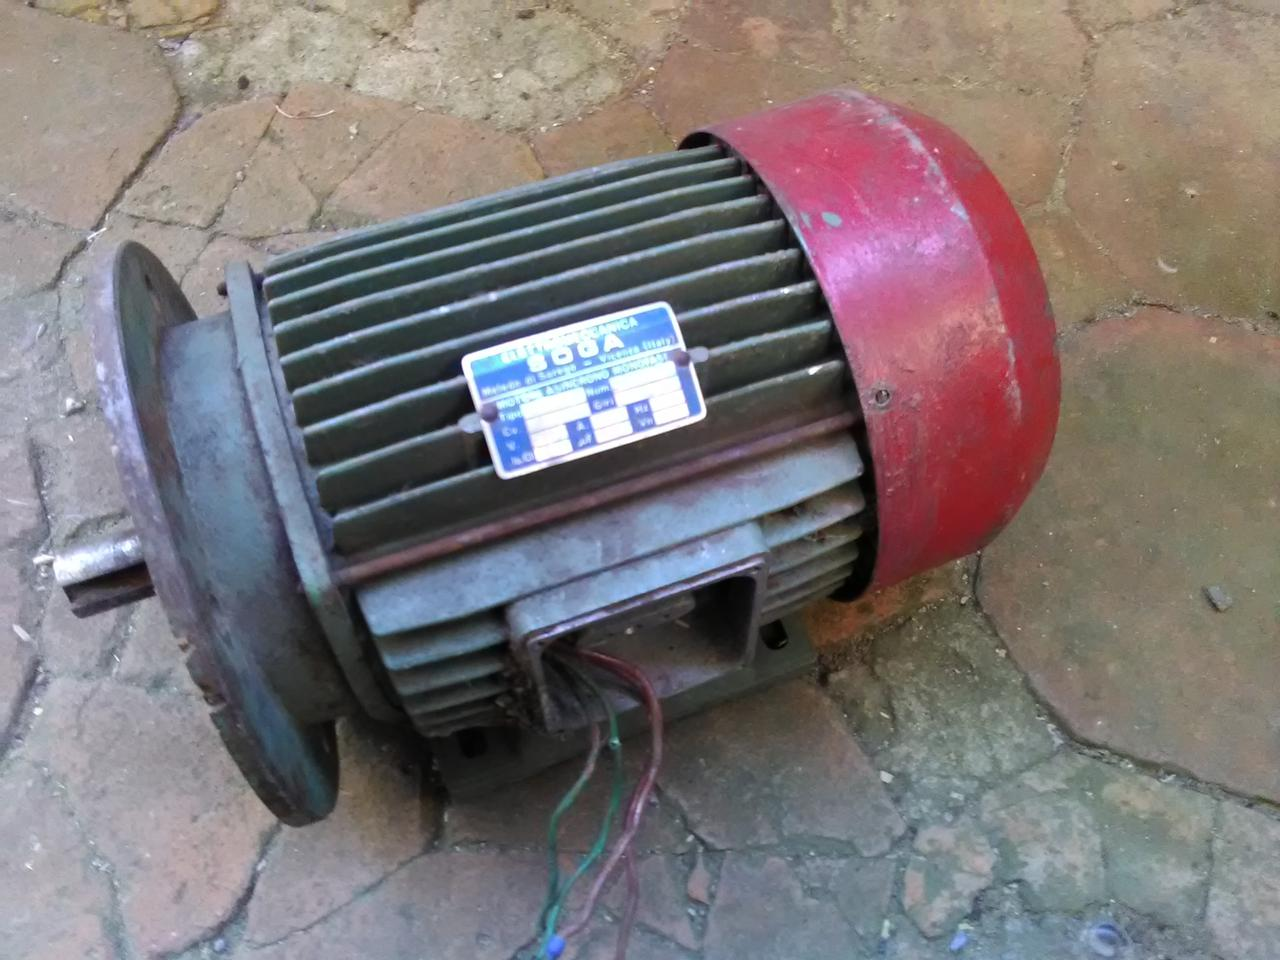 Péniszpumpa, vákuumos pumpa működése és használati tanácsok   INTIM CENTER szexshop